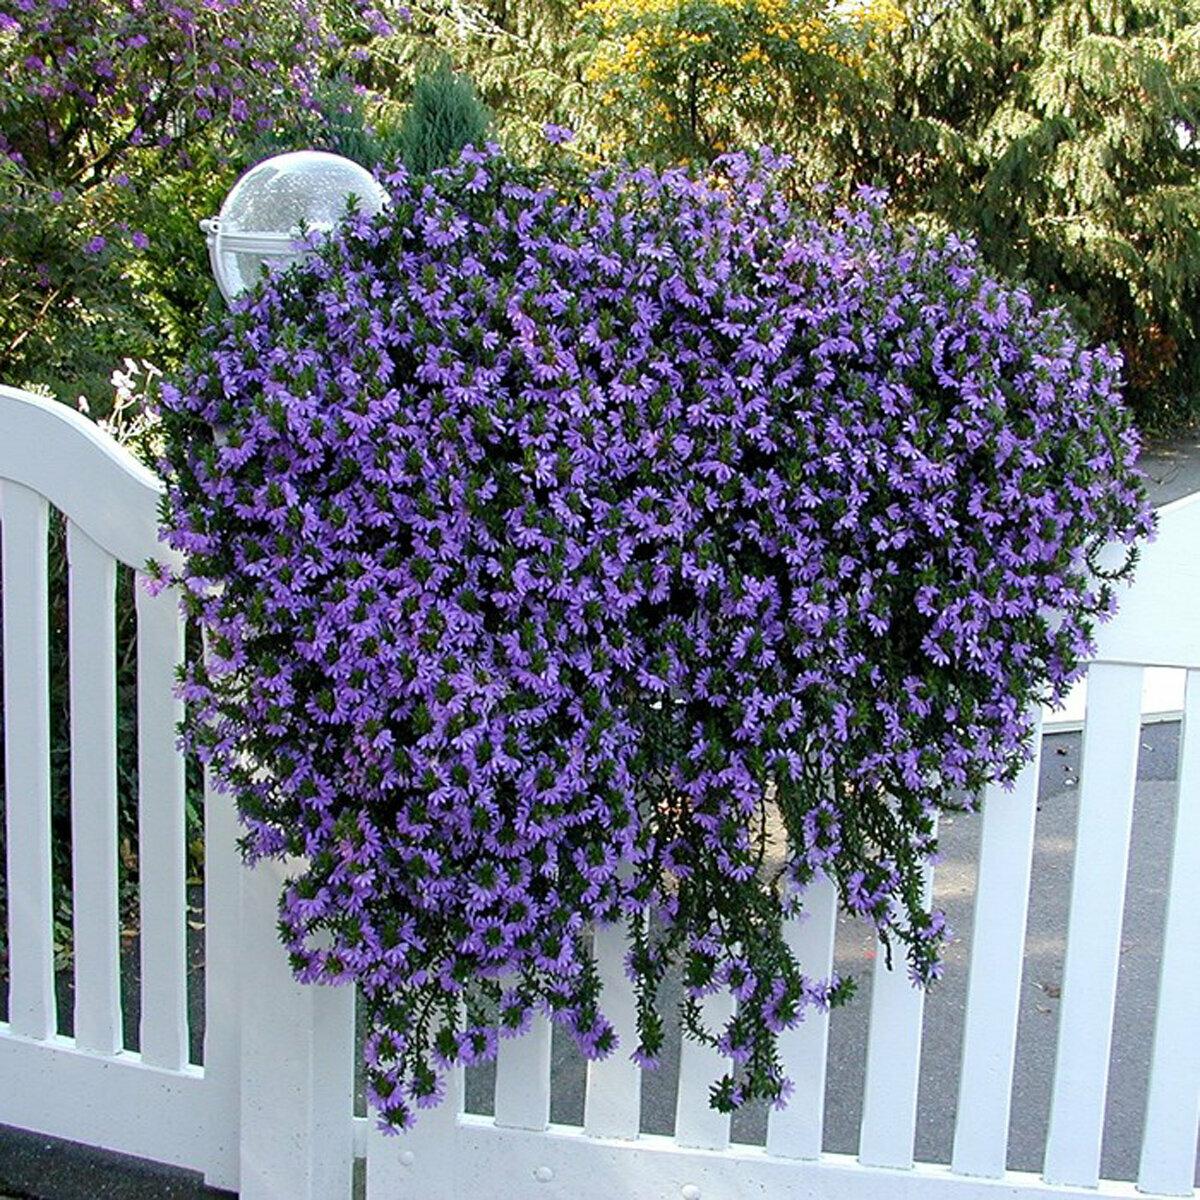 Ампельные растения для сада: примеры лучших сортов и некоторые дизайн-идеи